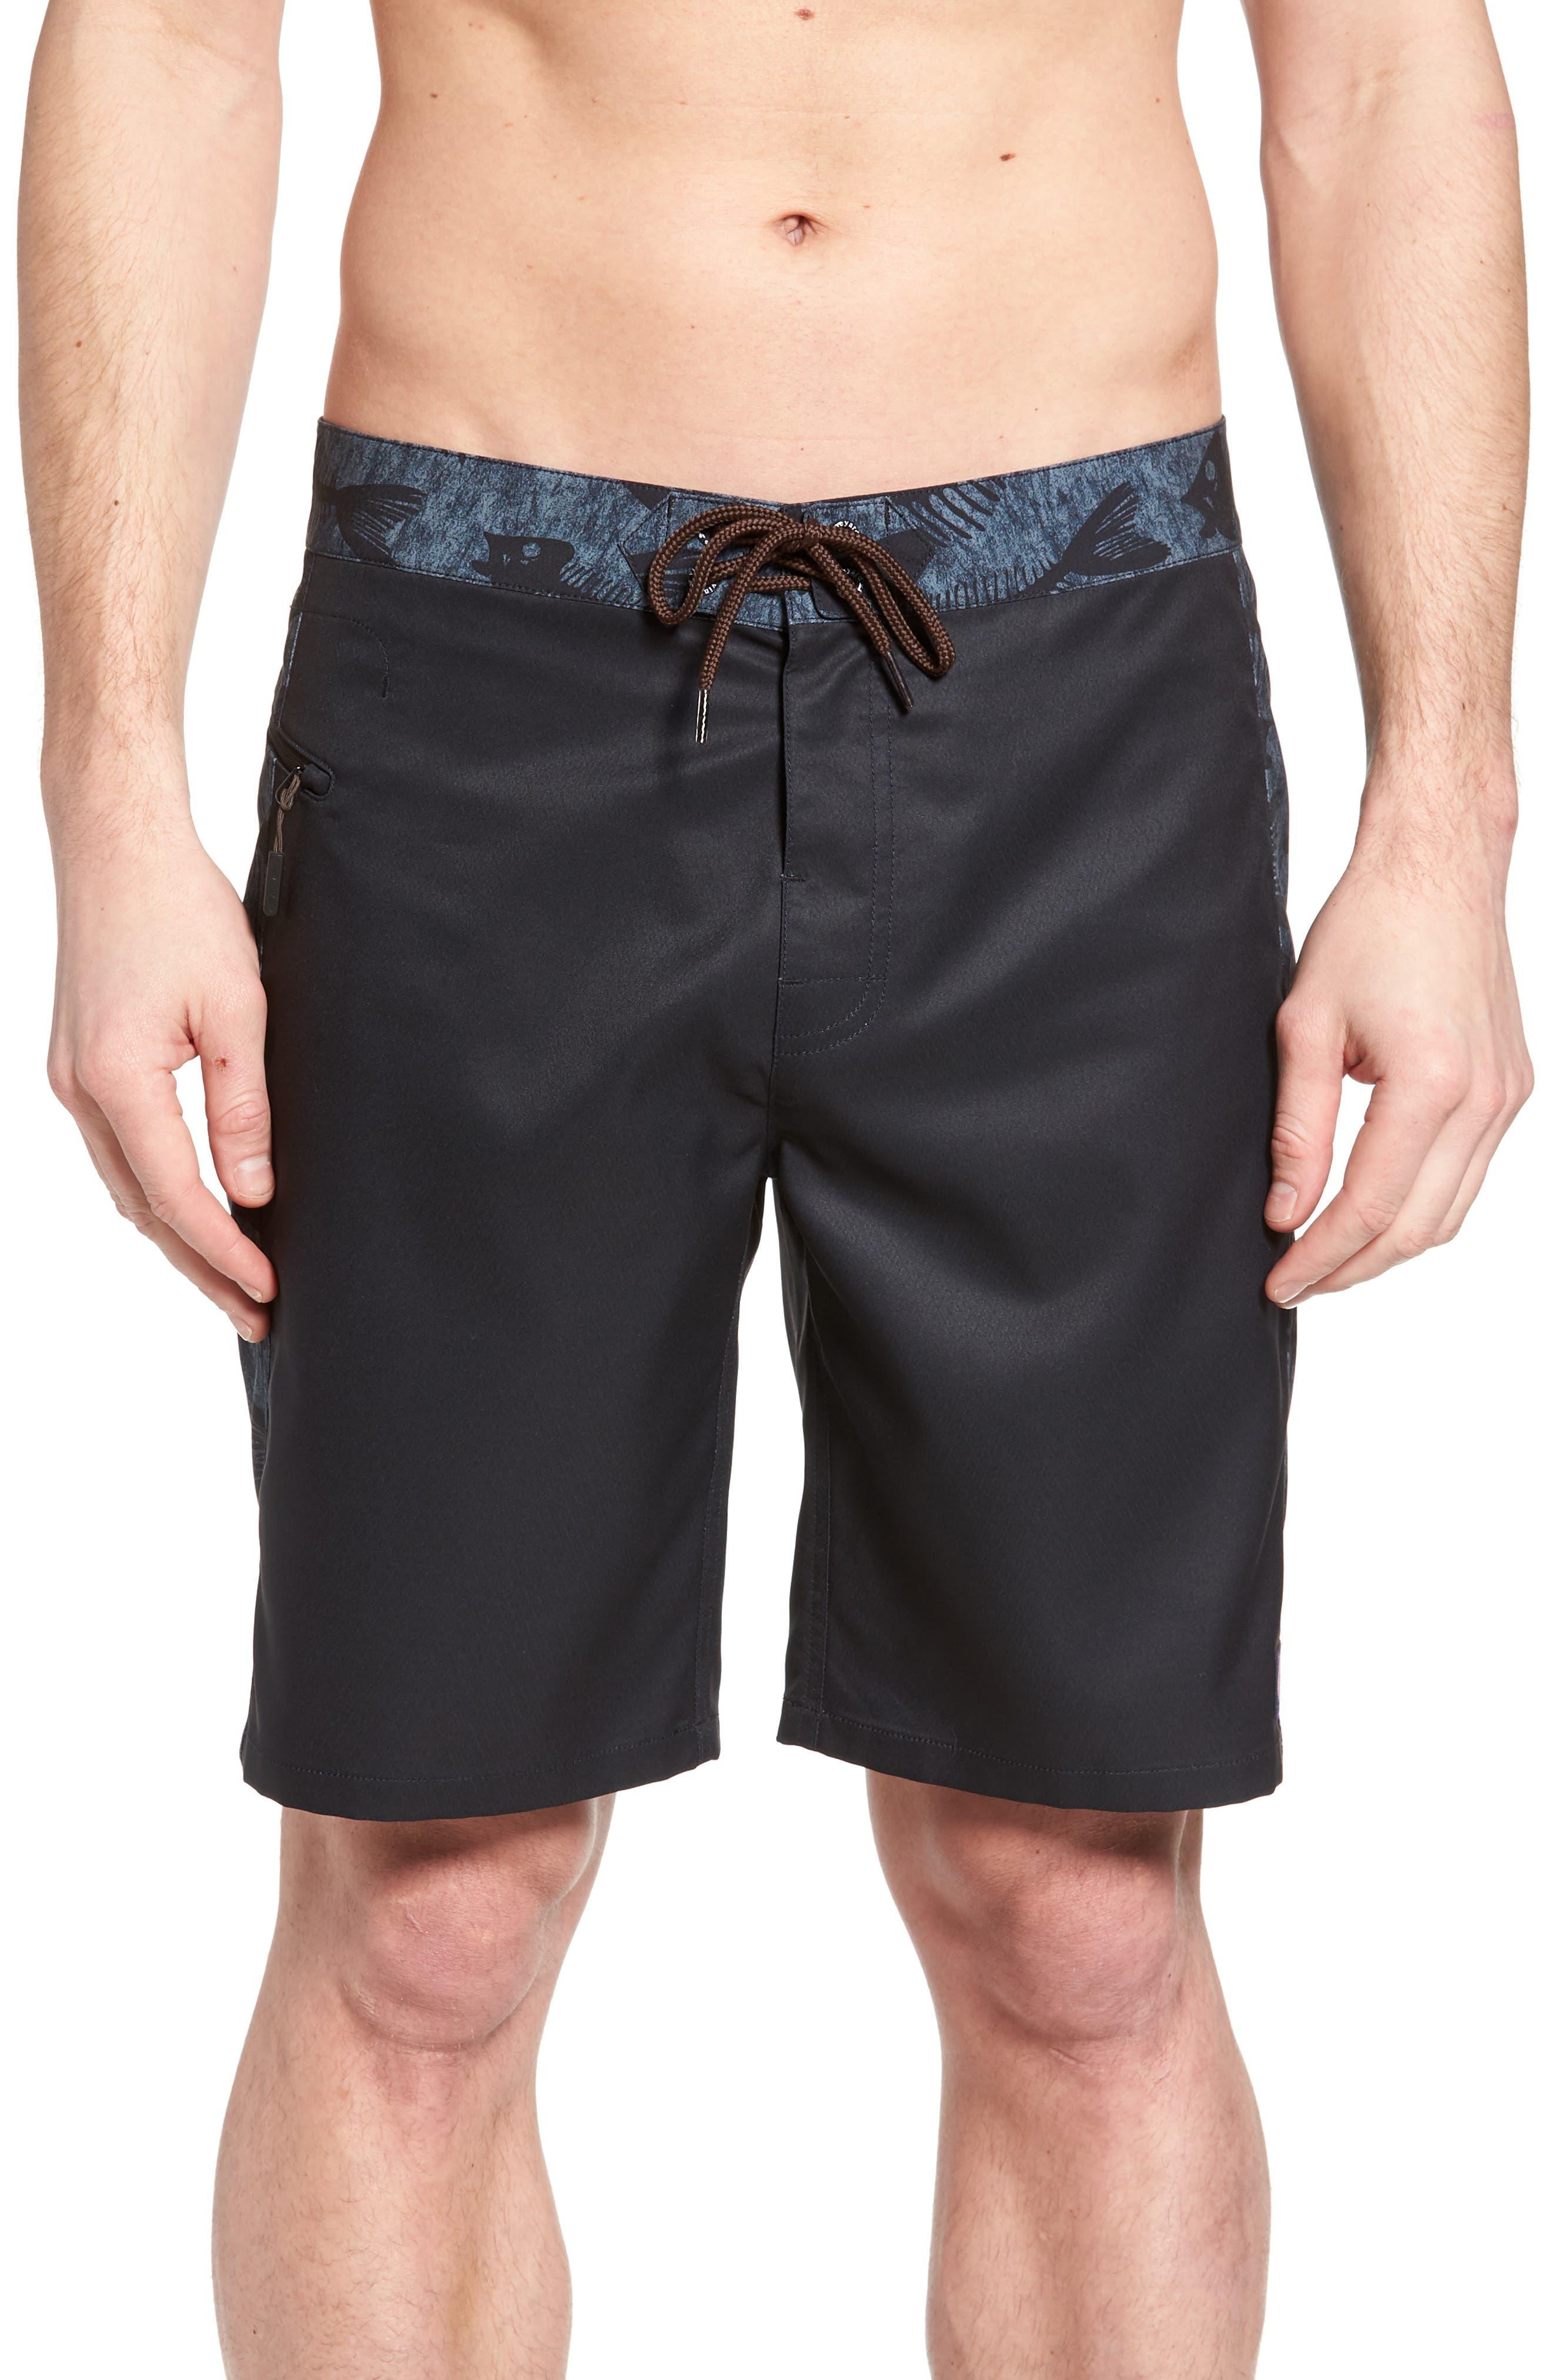 Bonefish Board Shorts,                         Main,                         color, Charcoal Grey